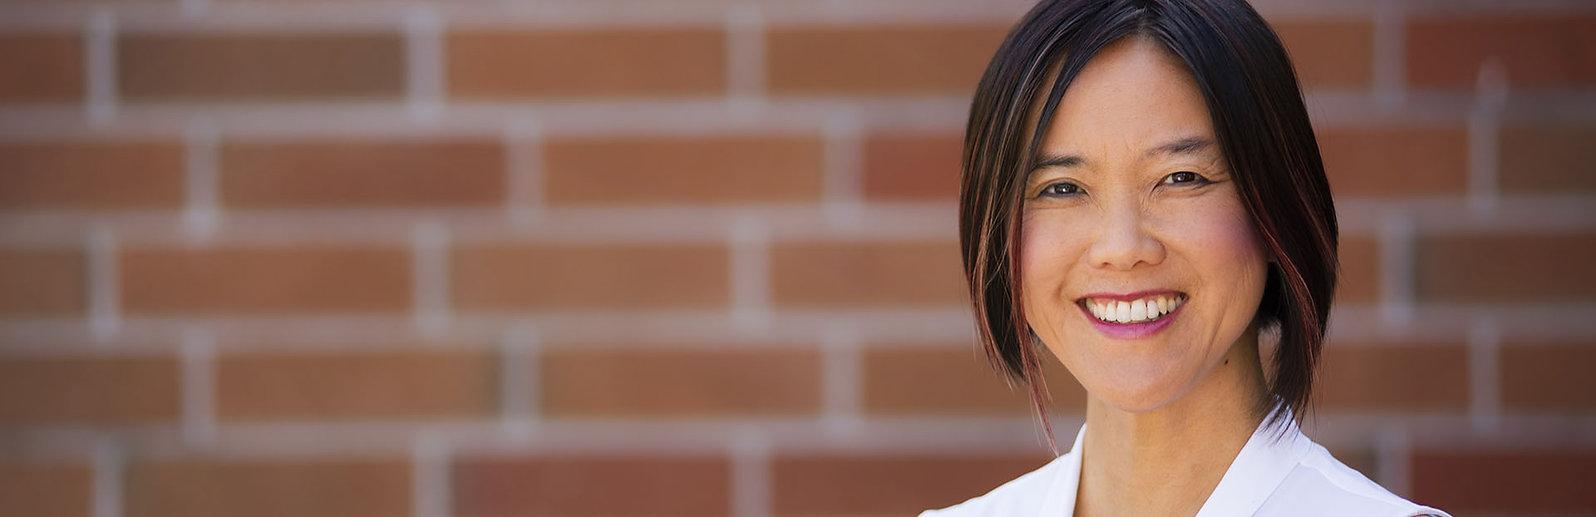 Tina Wu Fredericks - Website 02 V2.jpg